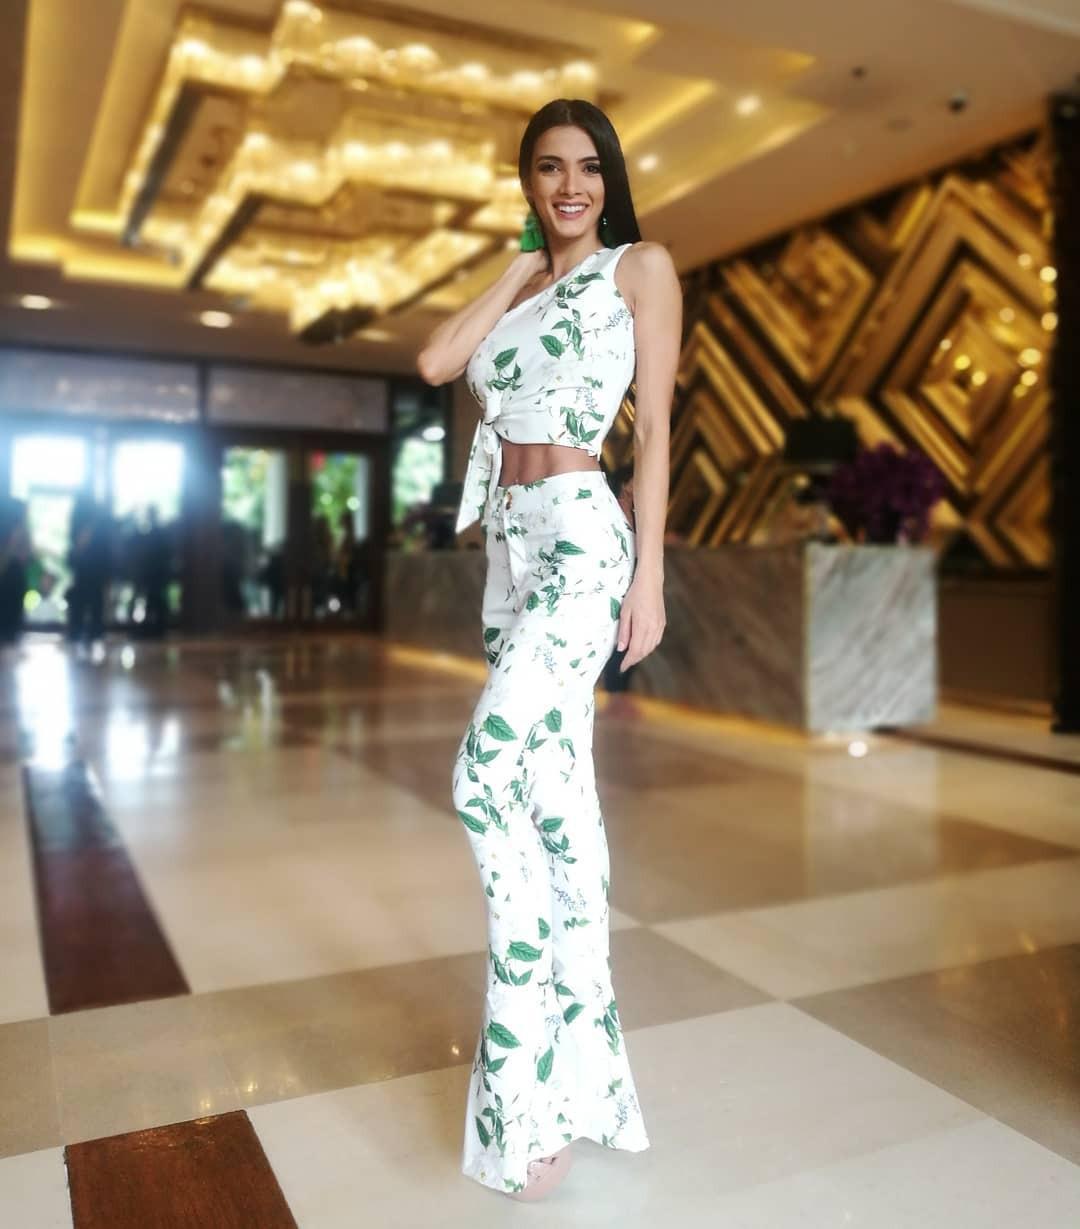 Tân Hoa hậu ngất xỉu: Đẹp như nữ thần Hy Lạp, nhưng bất ngờ hơn là body và profile không vừa của cô-15